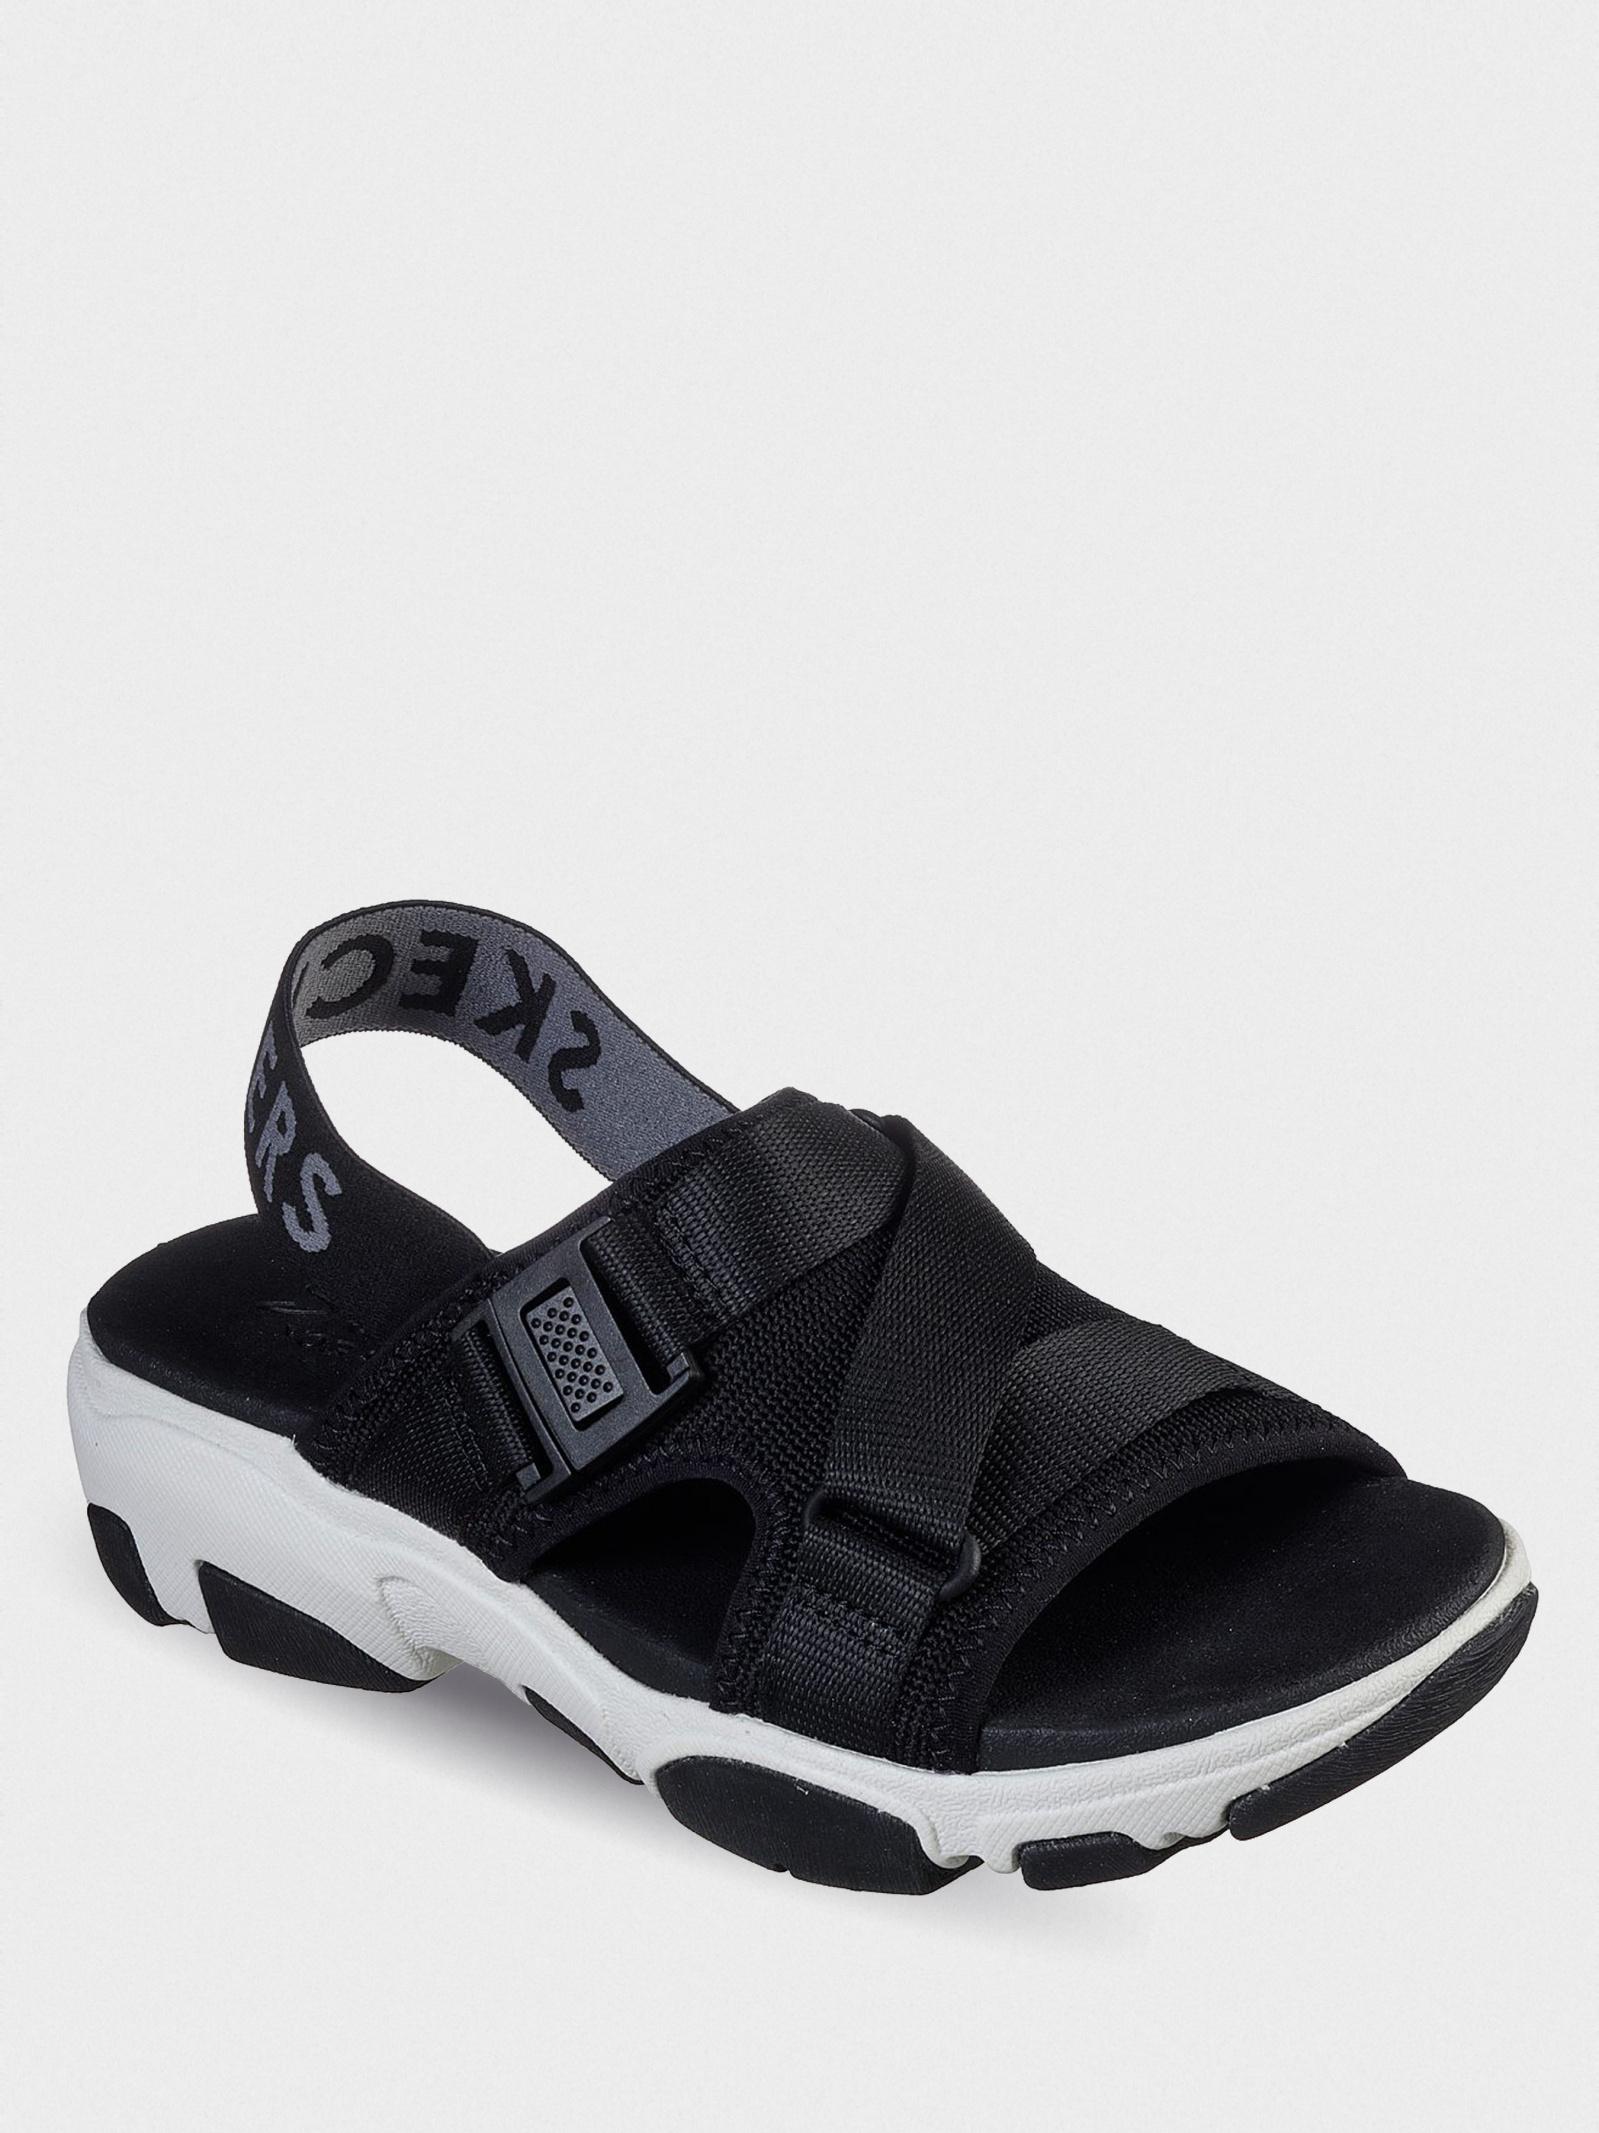 Сандалі  для жінок Skechers Modern Comfort 163051 BLK продаж, 2017